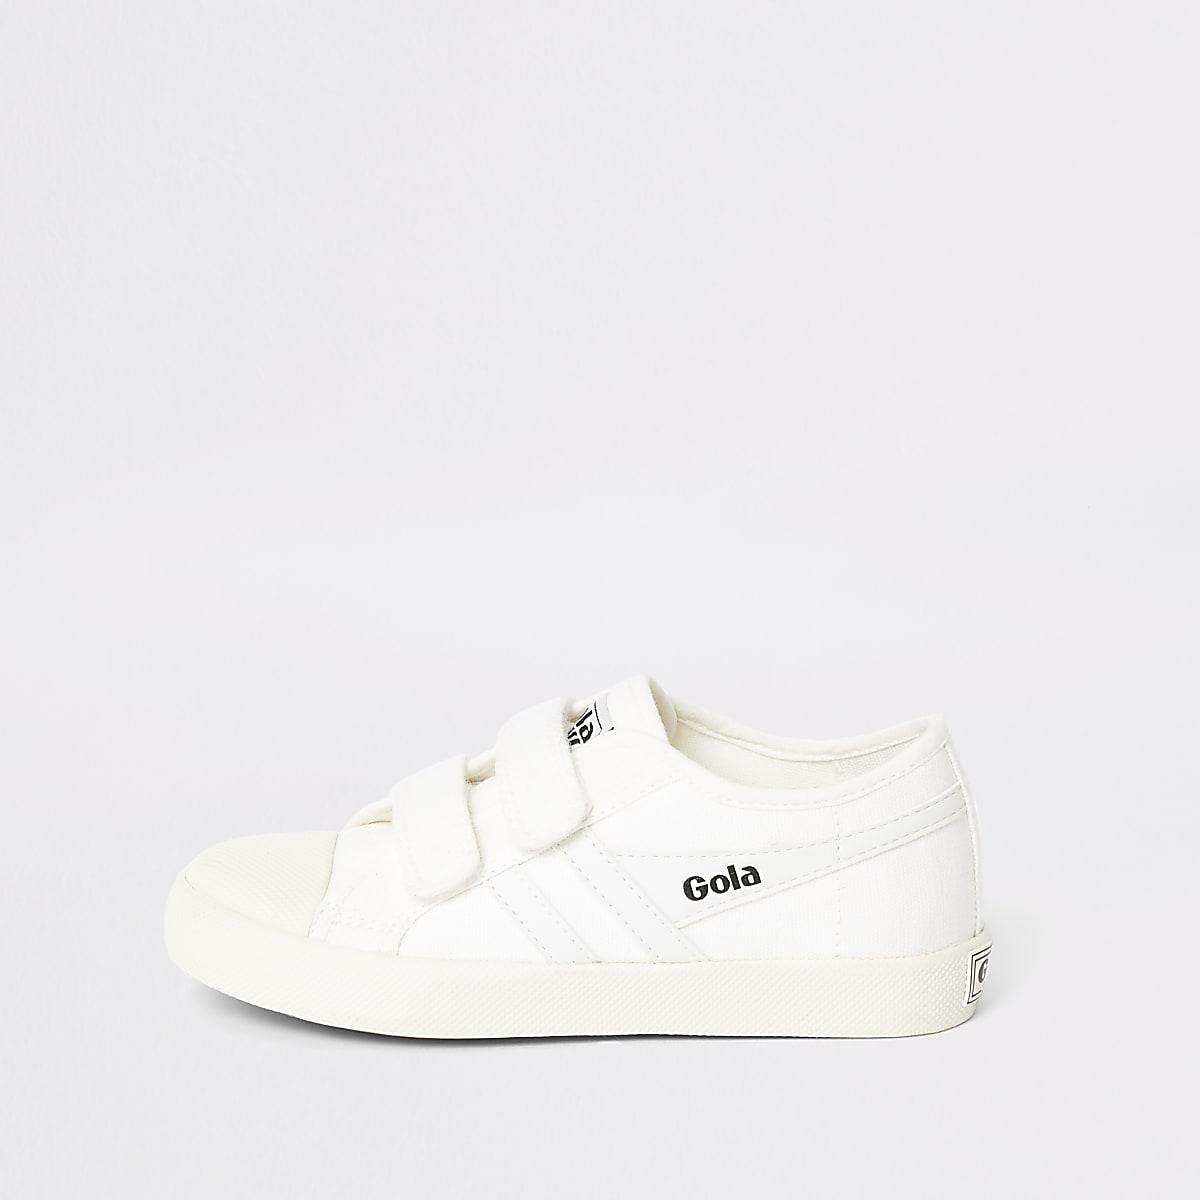 Gola – Weiße Sneaker mit Klettverschluss für Jungen